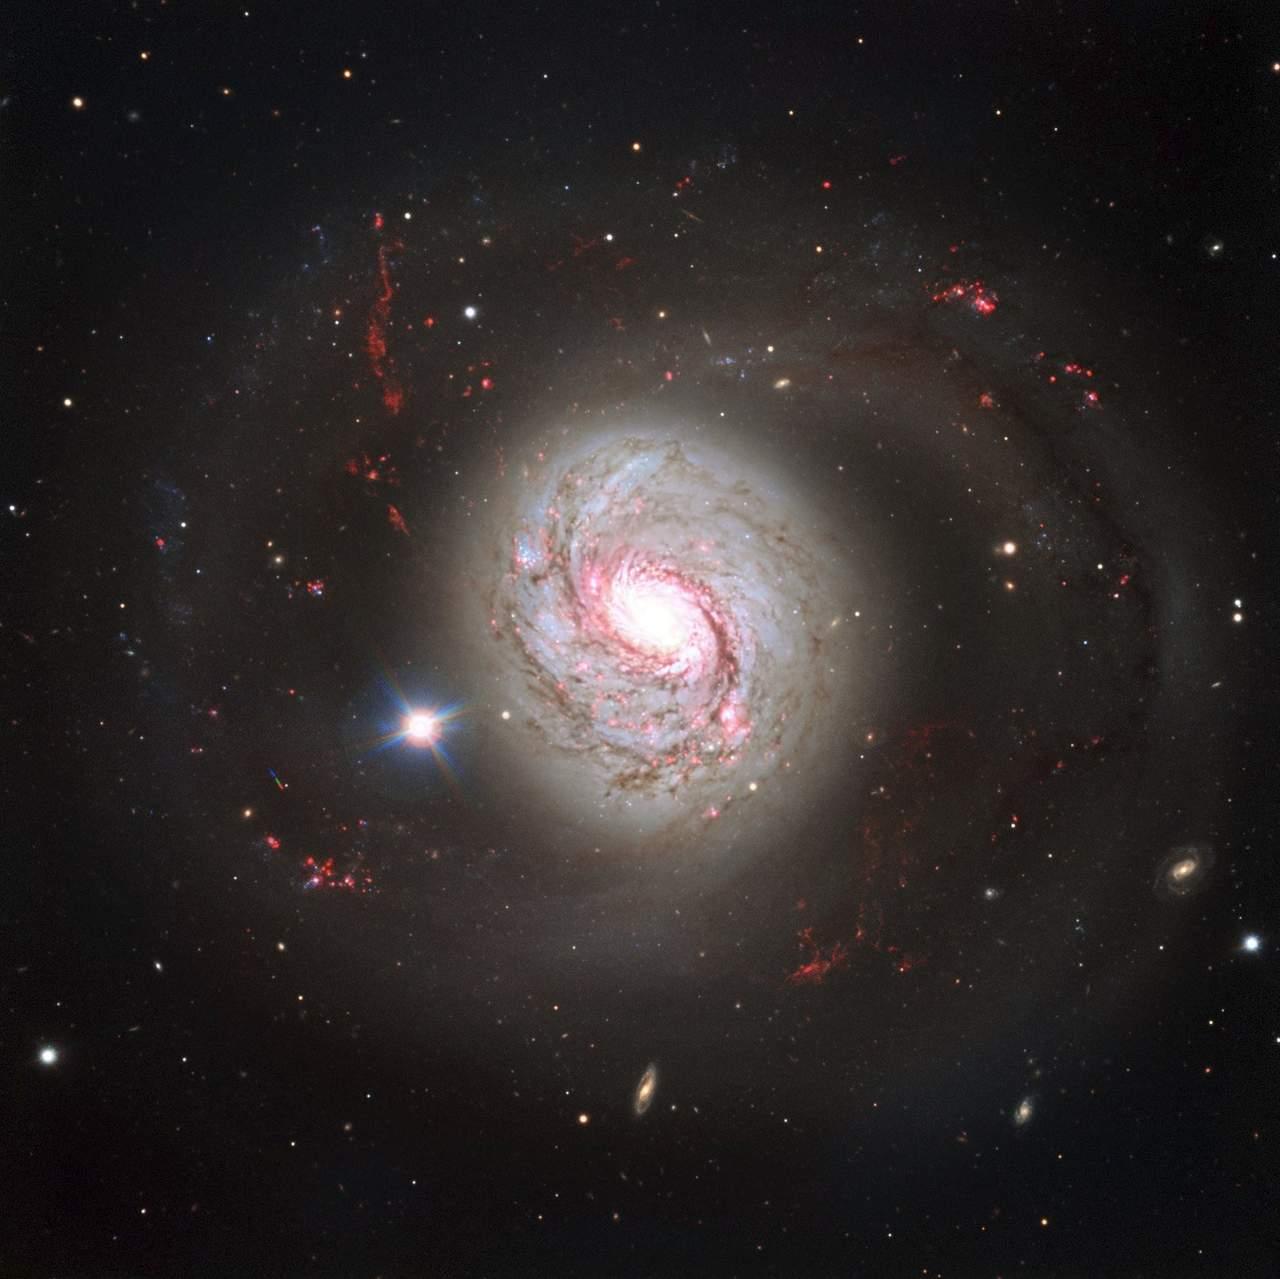 Telescopio espacial Hubble muestra galaxia con núcleo activo